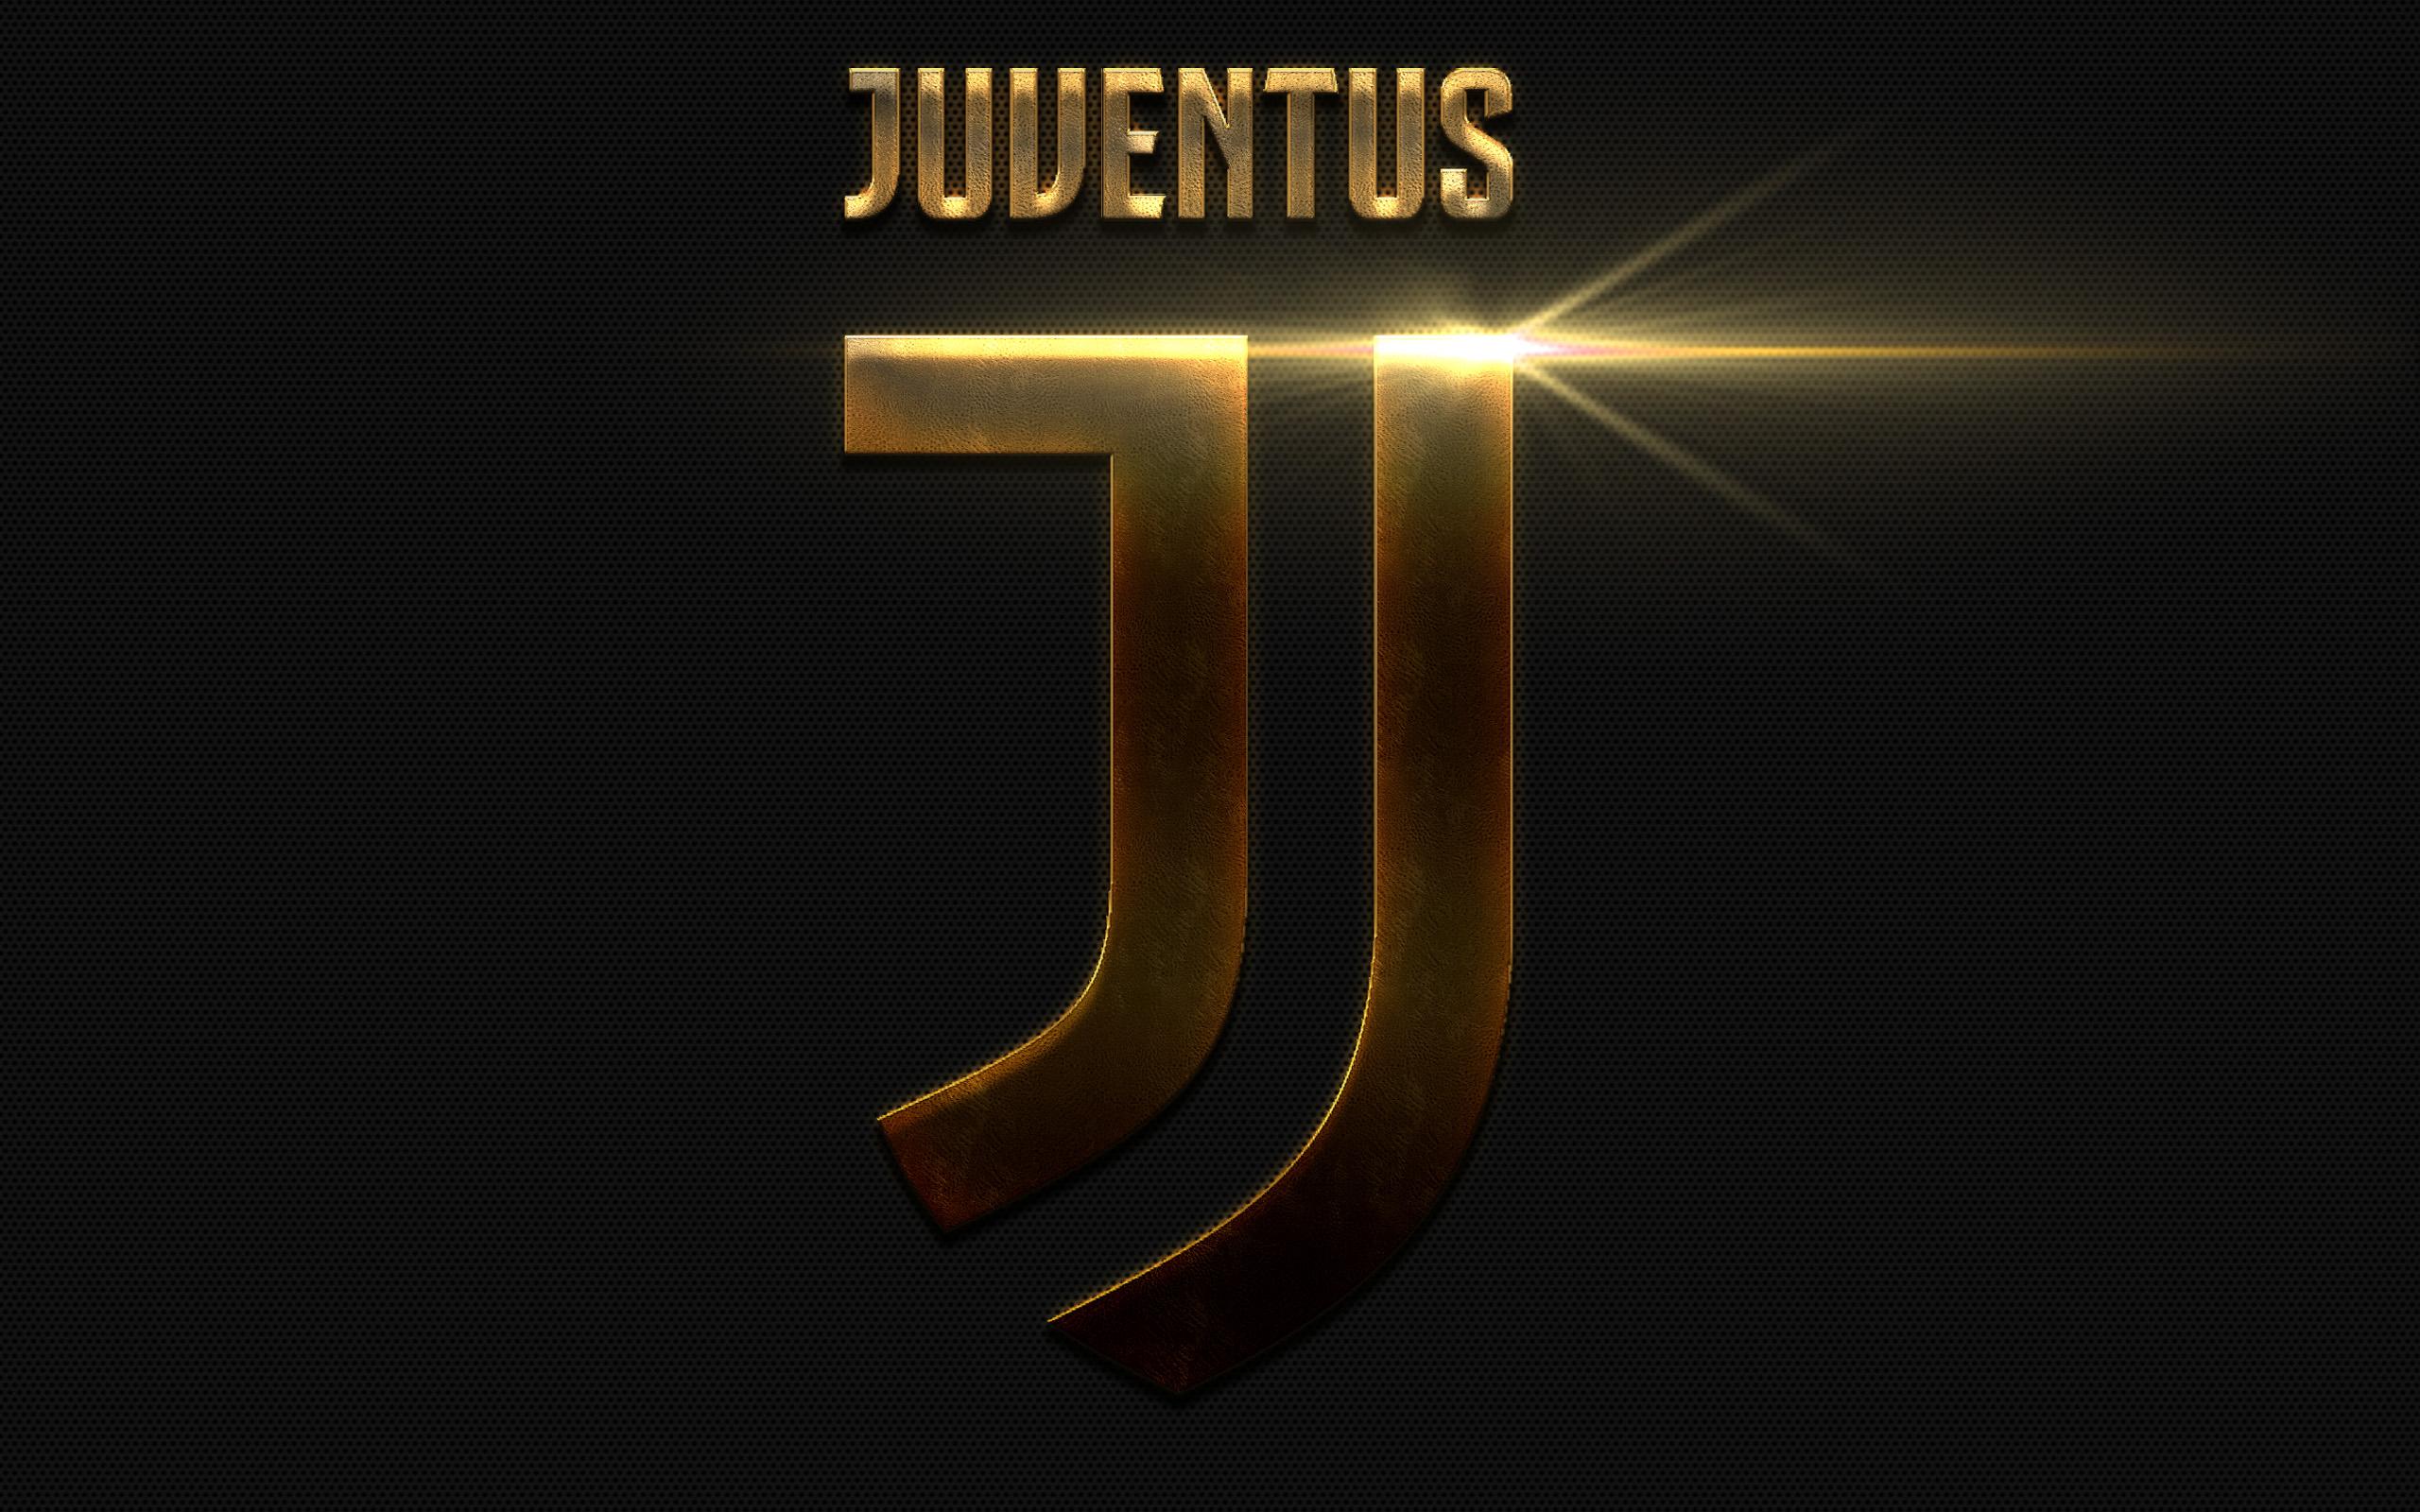 Juventus F.C. HD Wallpaper | Background Image | 2560x1600 ...